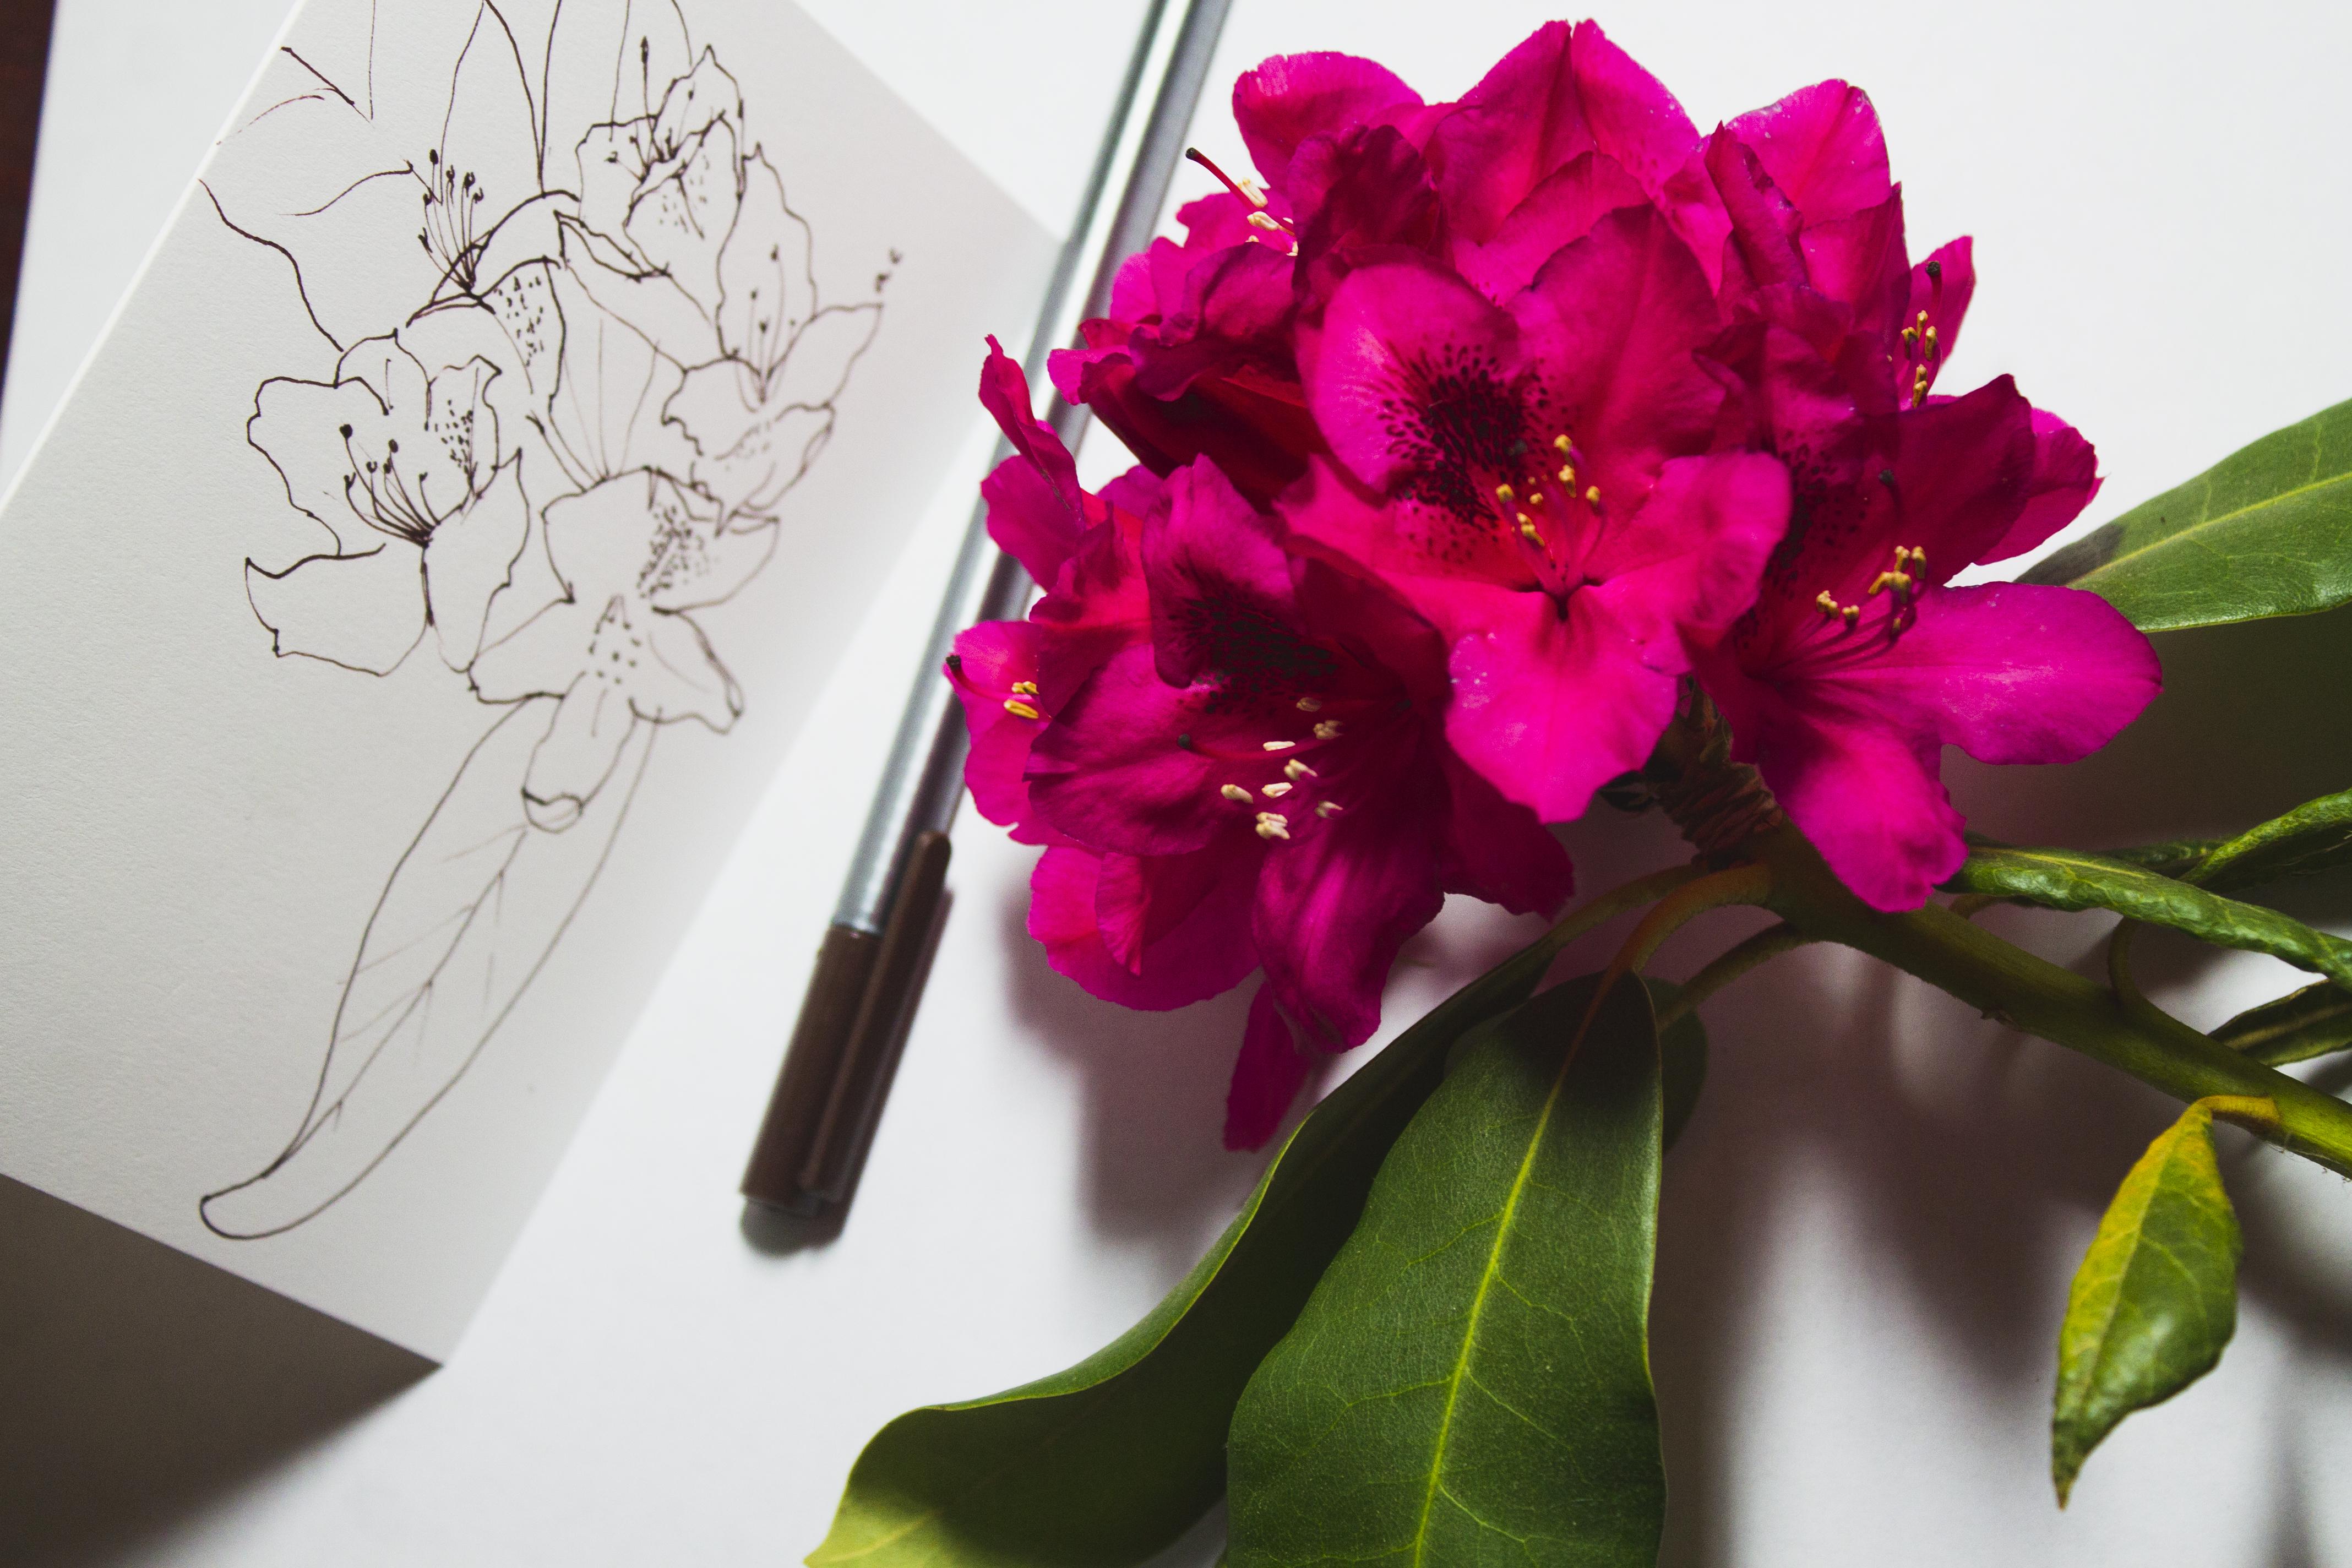 Pen sketch: Rhododendron